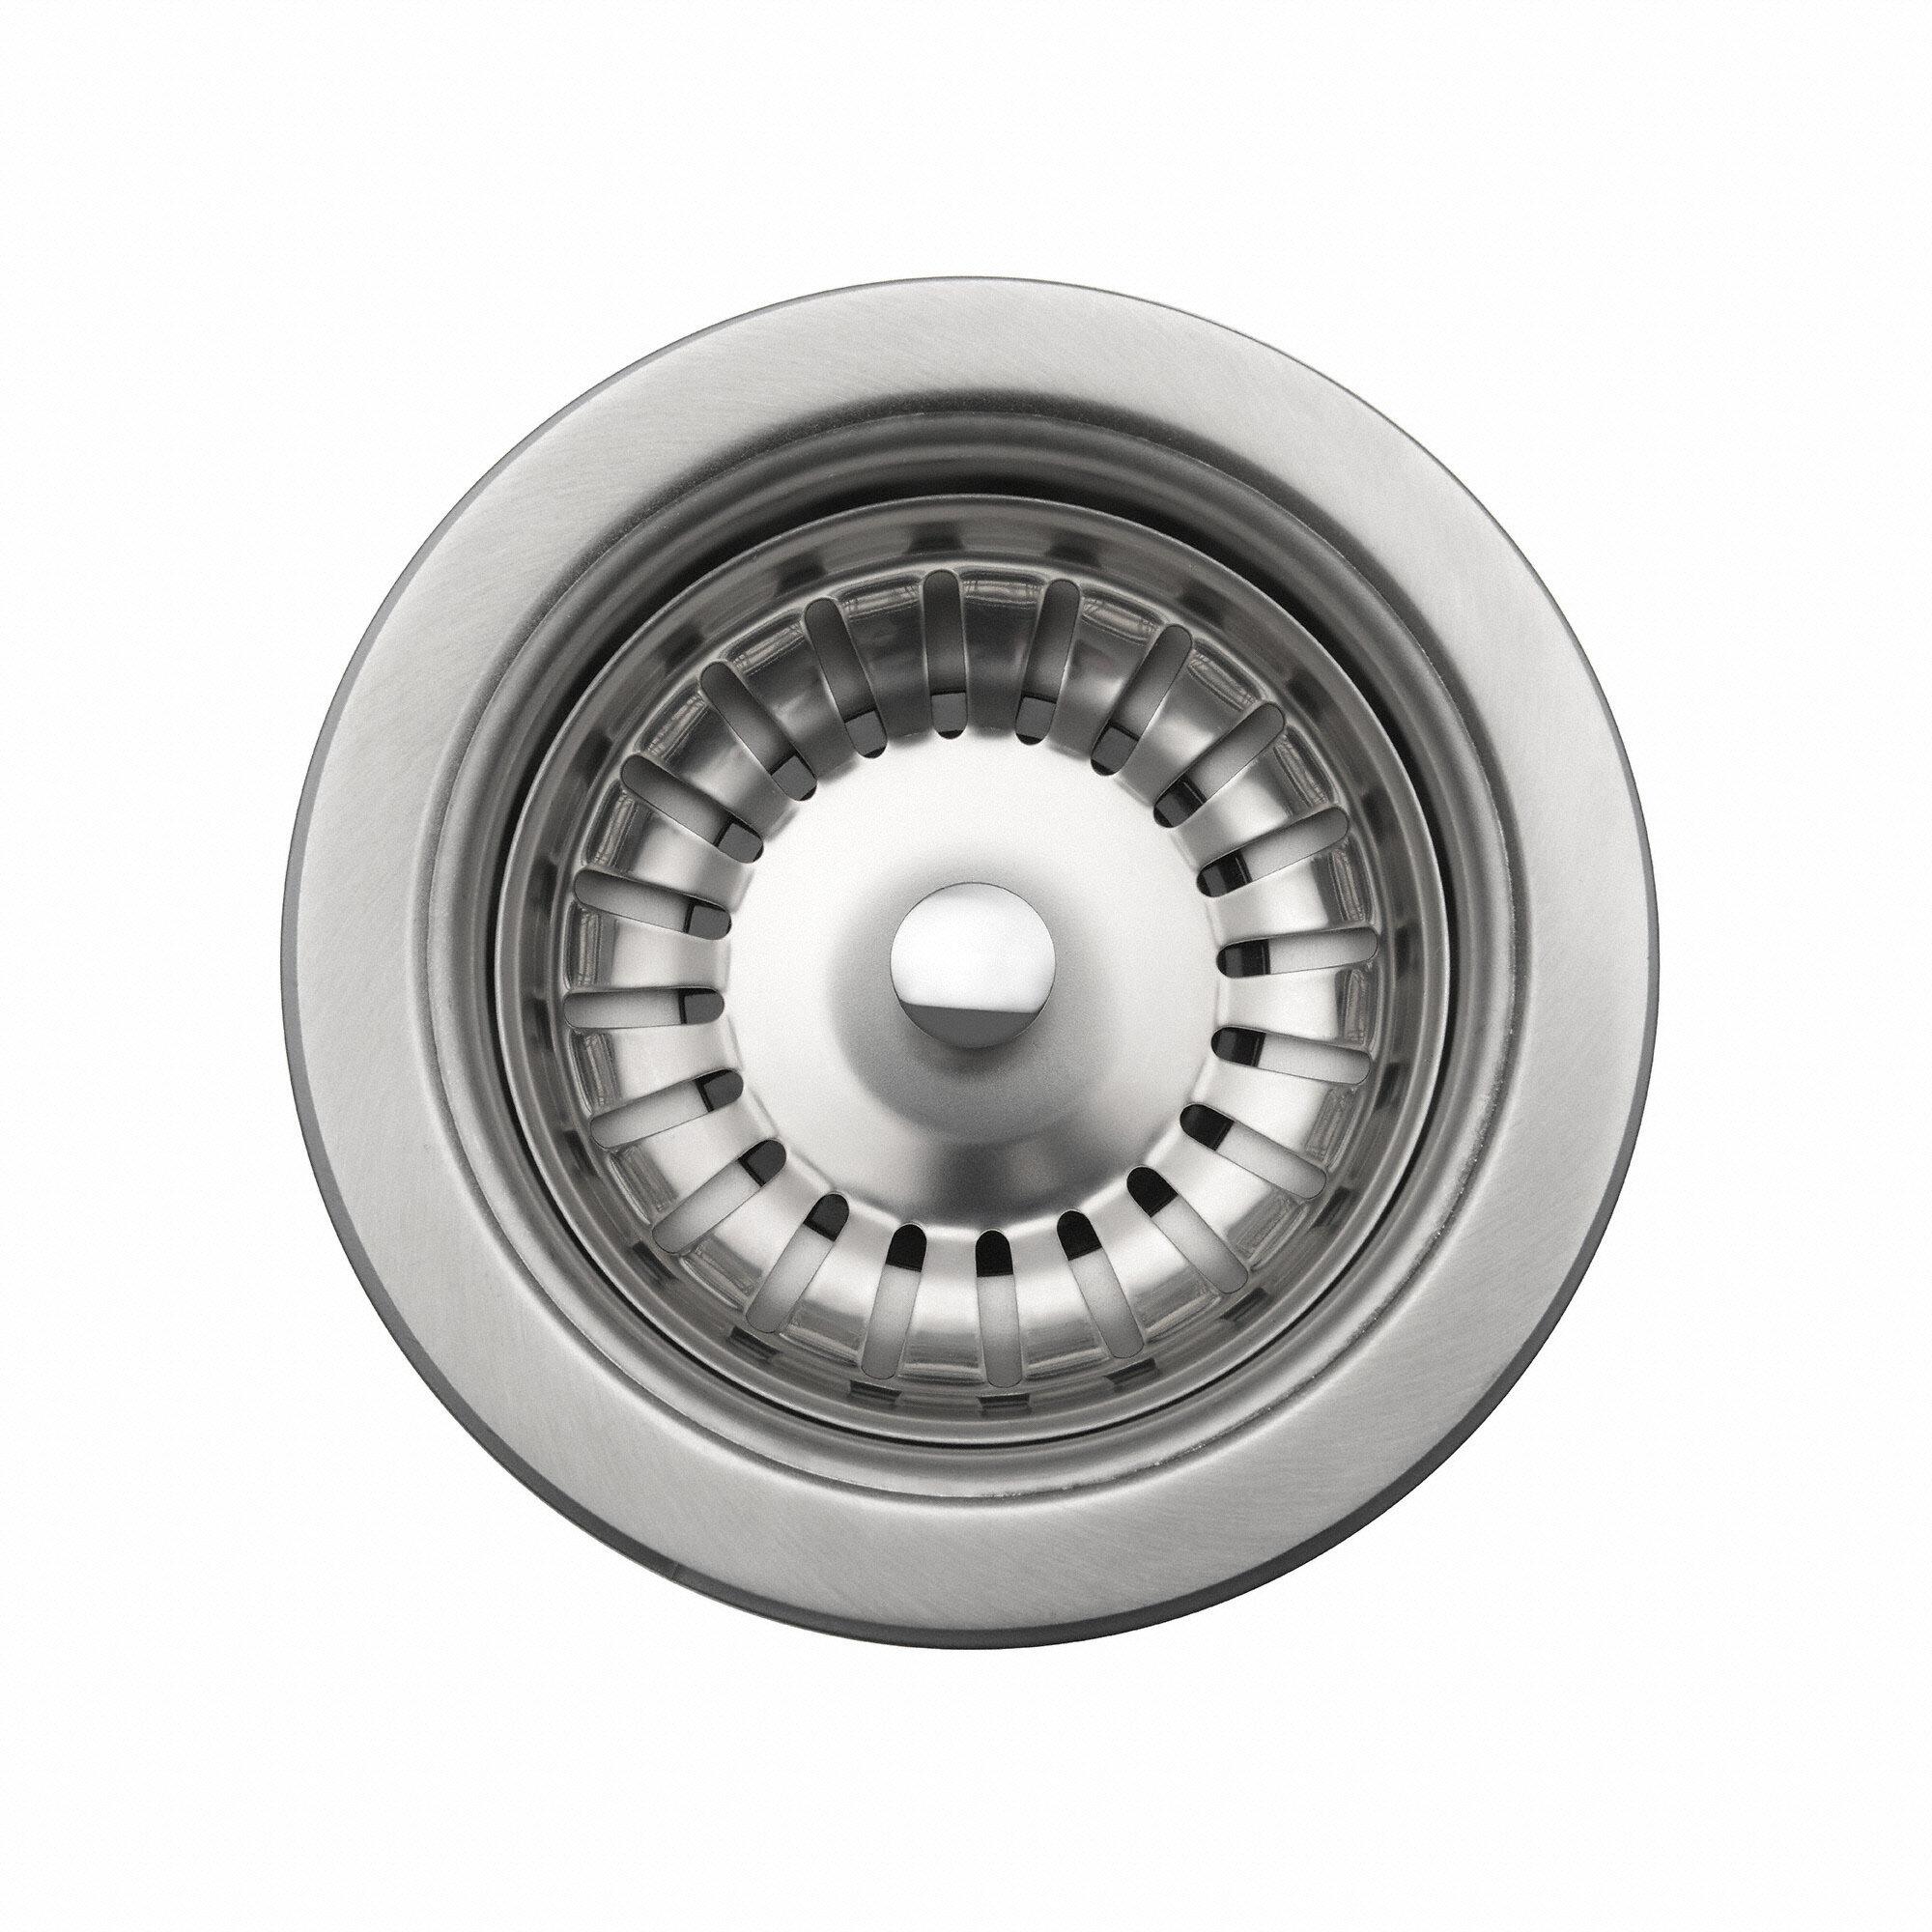 St 1 Kraus Grid Basket Strainer Kitchen Sink Drain Reviews Wayfair